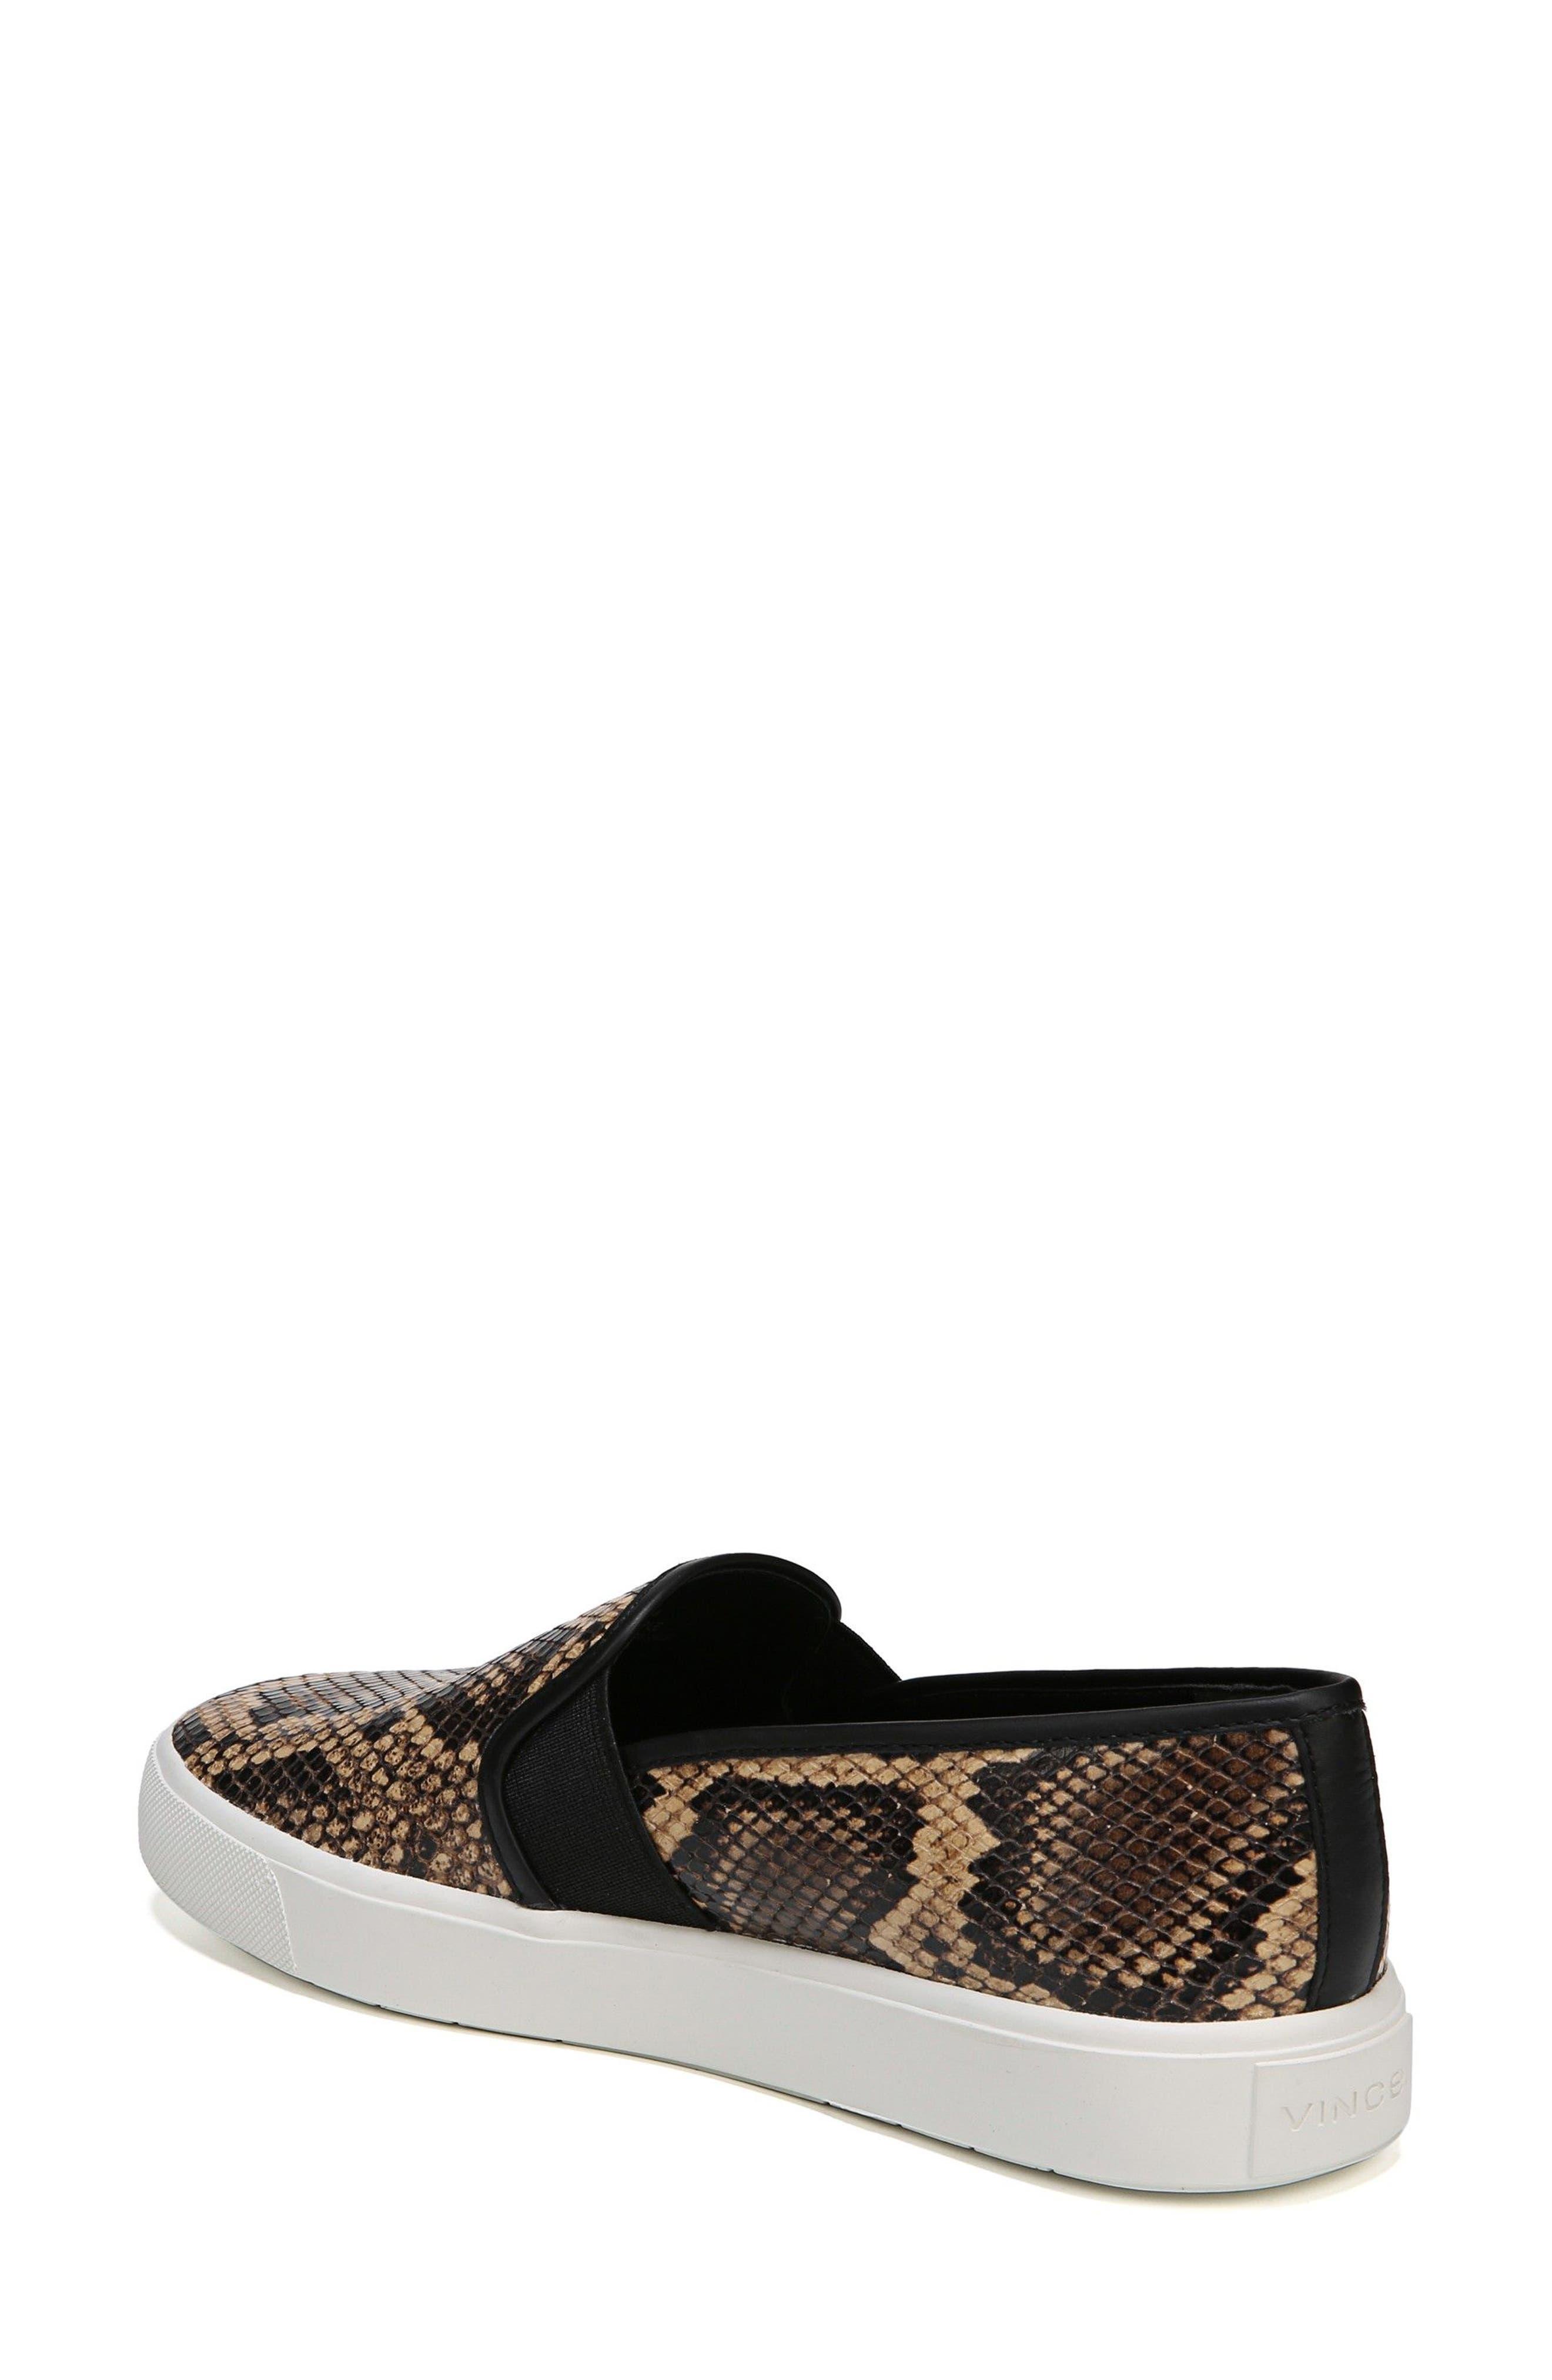 Blair 5 Slip-On Sneaker,                             Alternate thumbnail 2, color,                             Senegal Snake Print